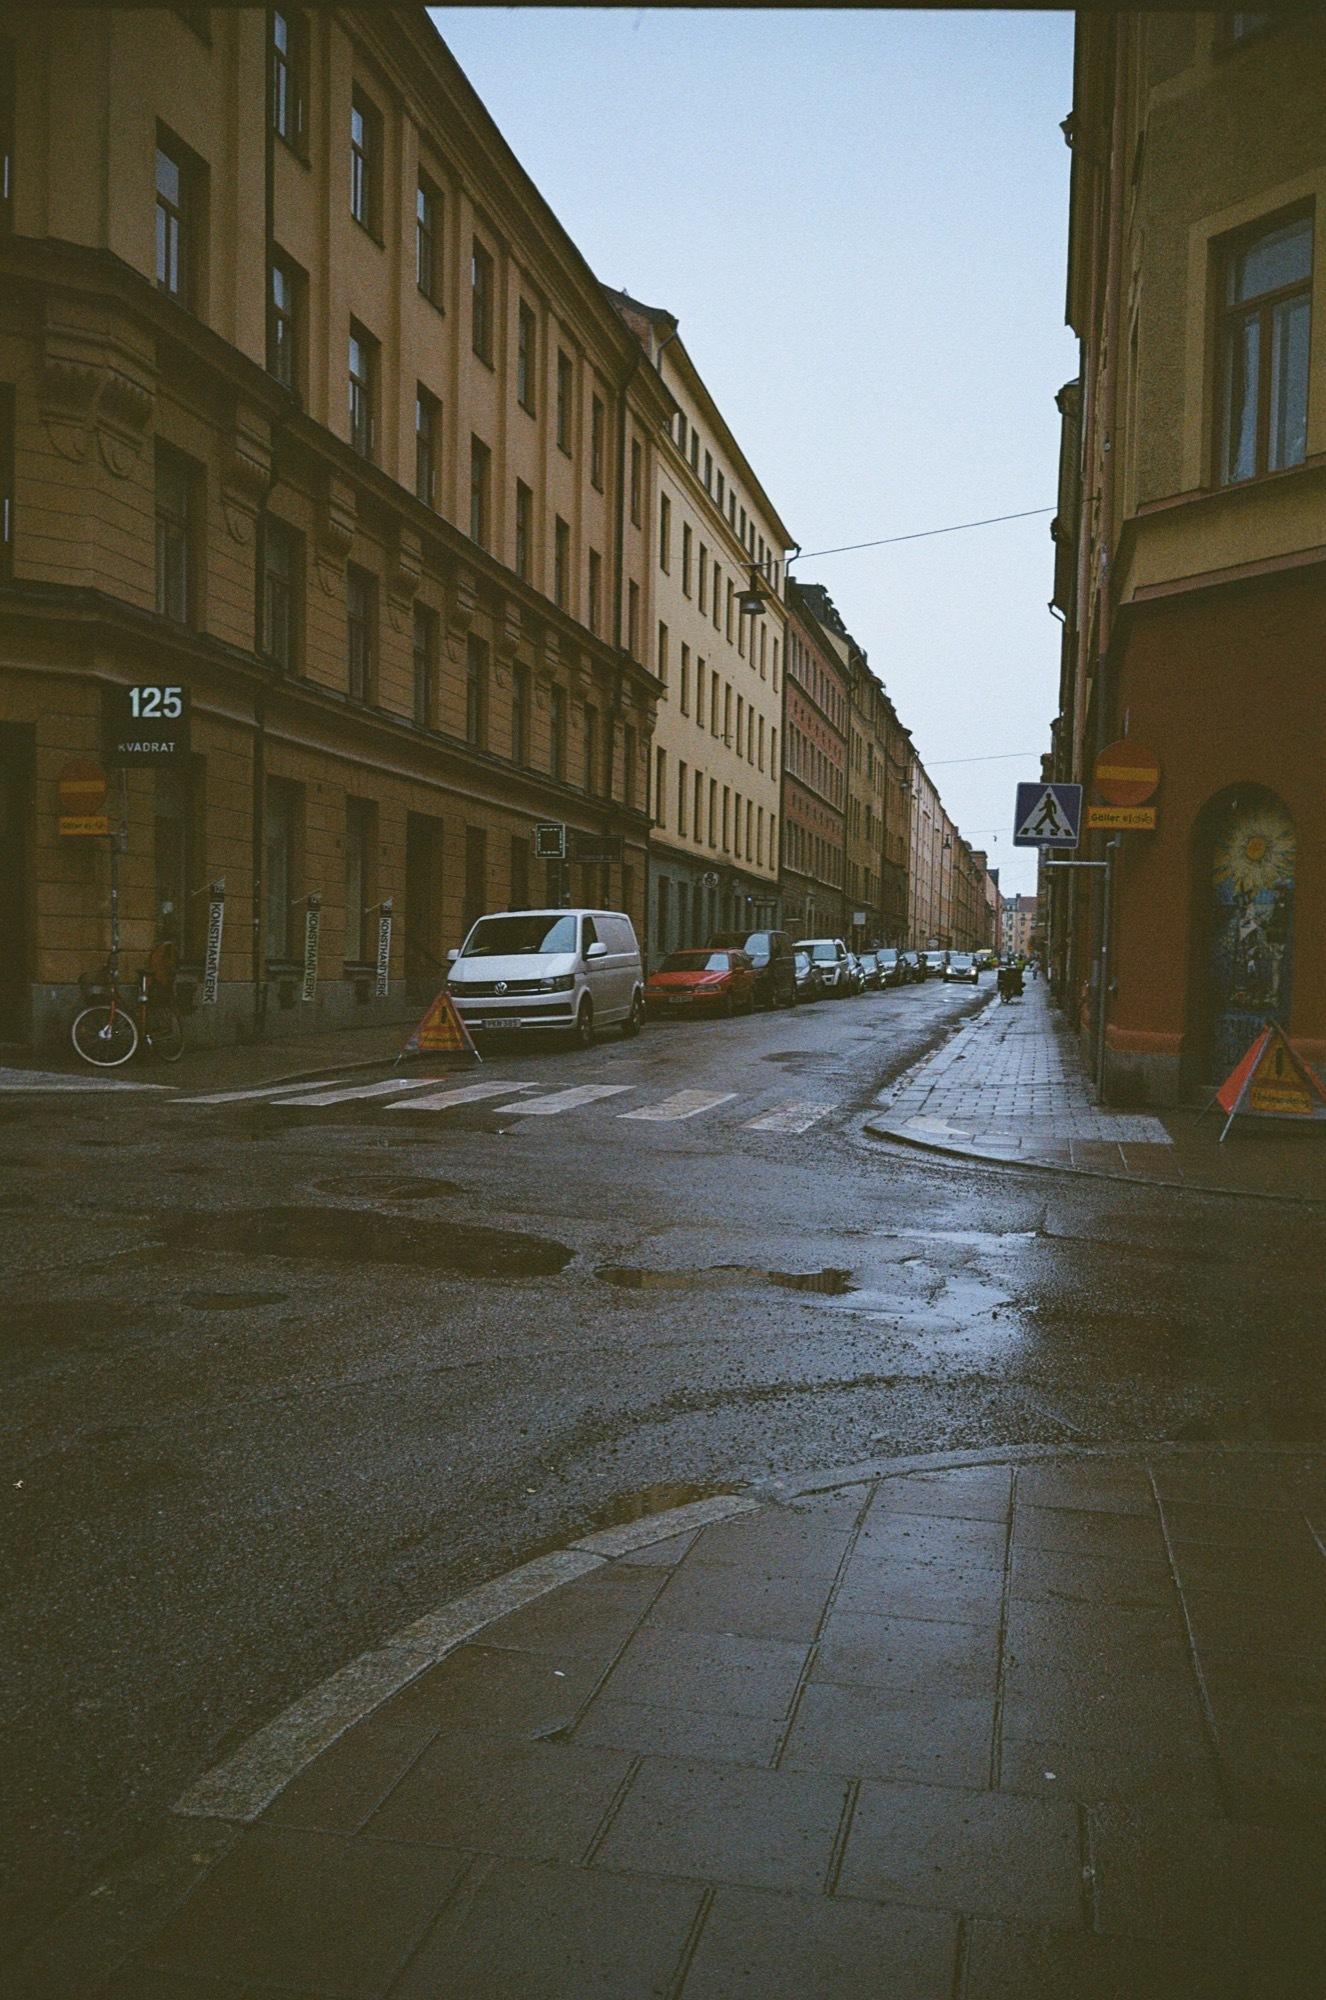 cameraville_leica_mda_stockholm_avenon_28mm_kodak_gold_400_23.jpg